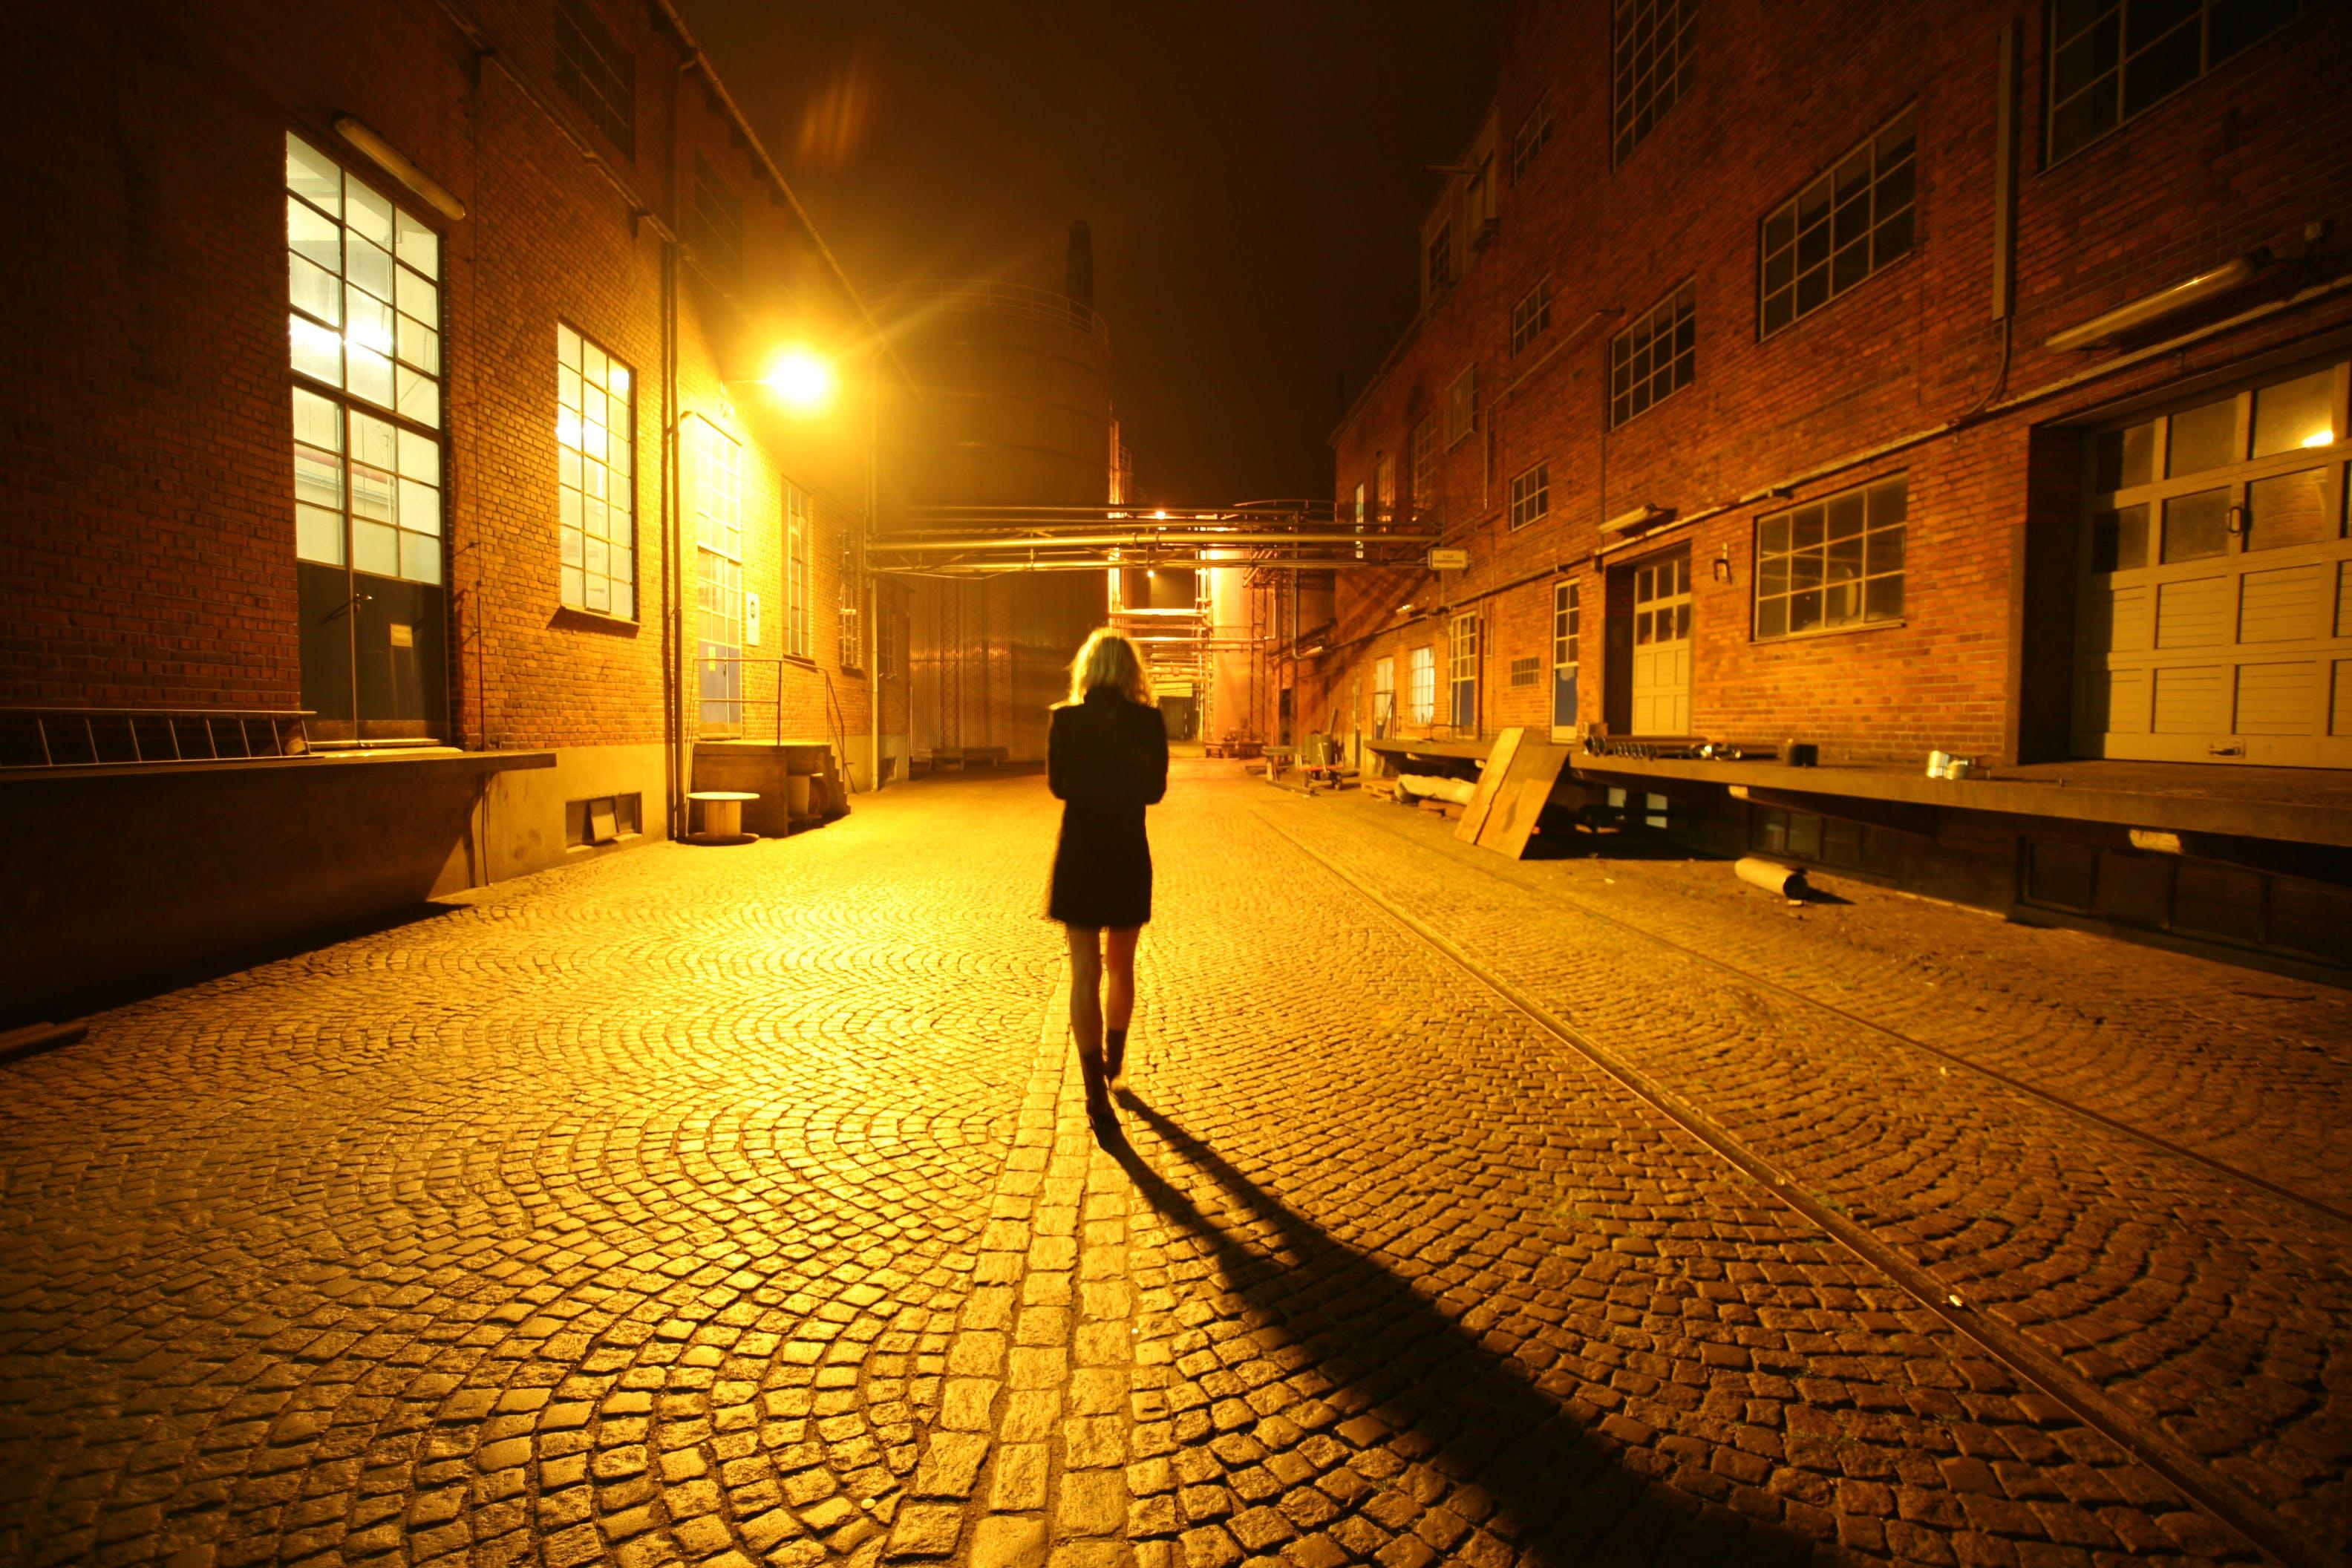 Foto d'estoc gratuïta de arquitectura, caminant, carrer, carrer de llambordes